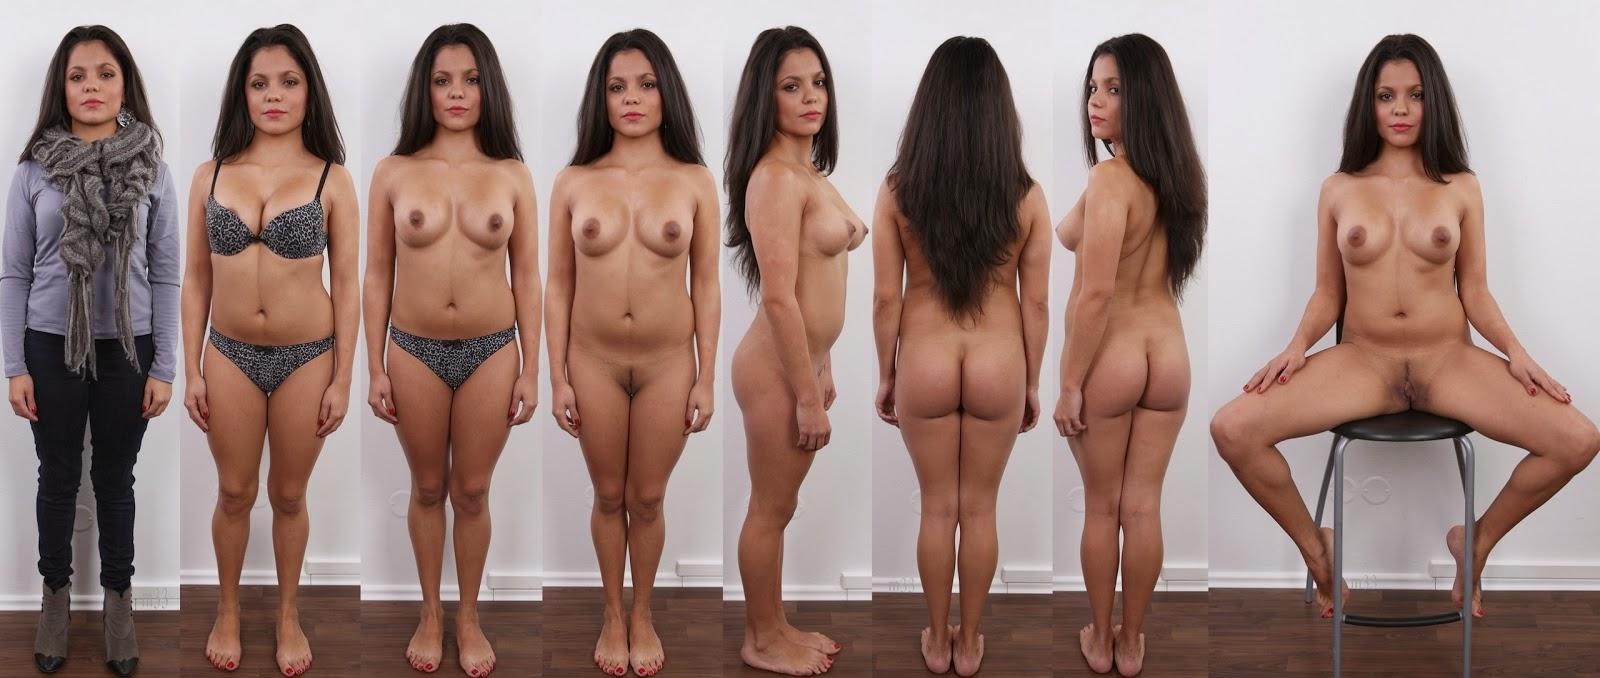 galeria de mujeres maduras: